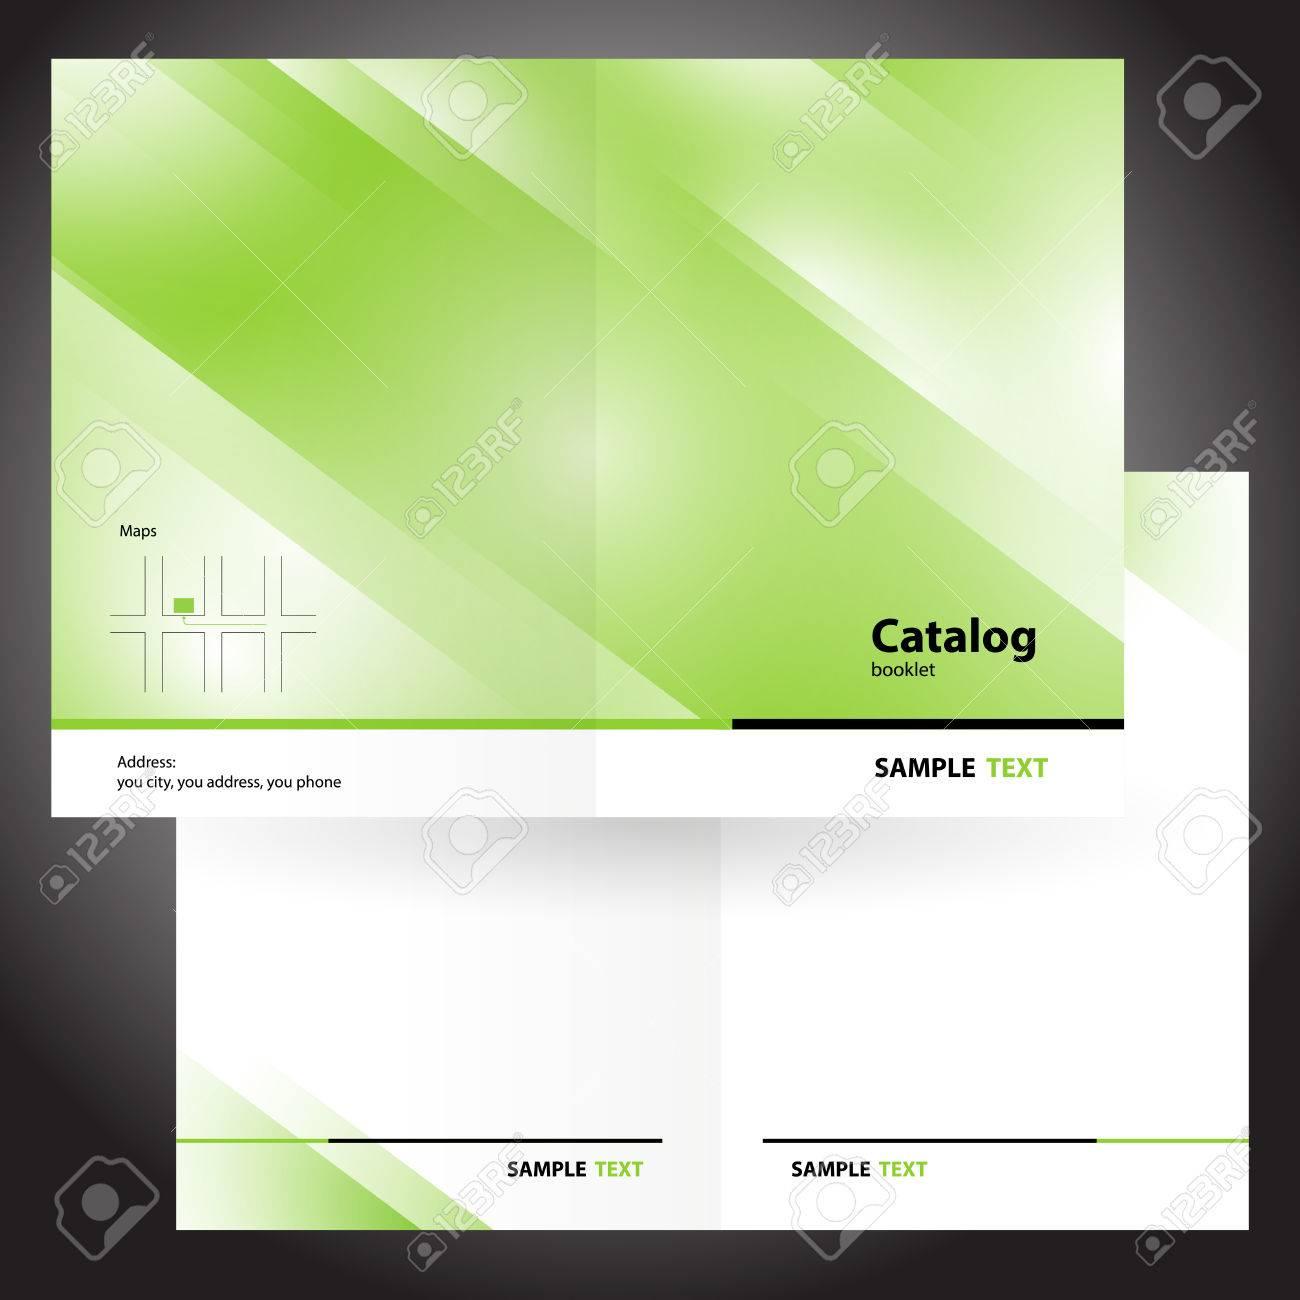 catalog booklet folder brochure colorful design vector green - 57743241